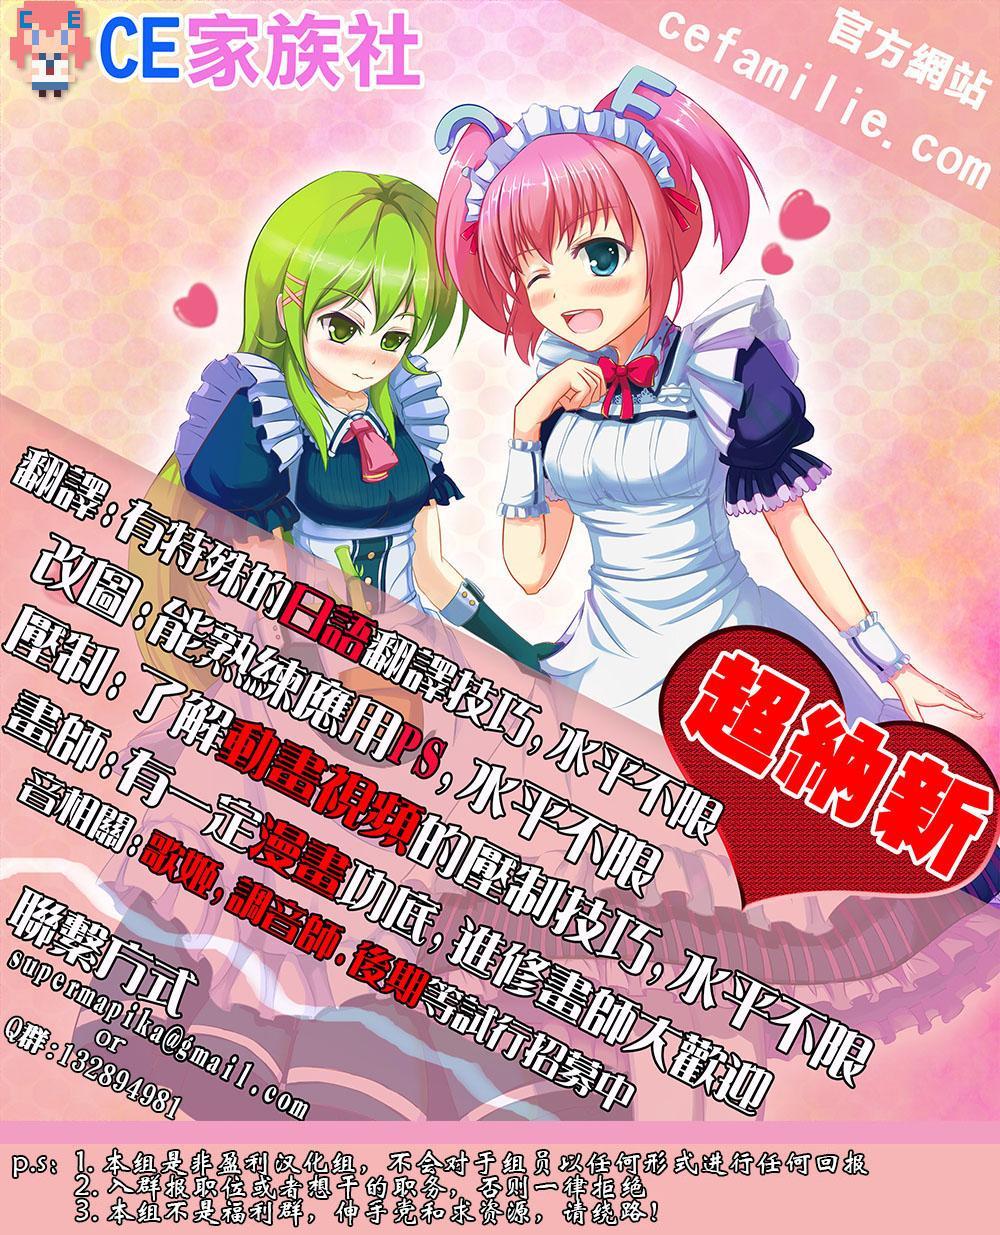 (C87) [Crazy9 (Ichitaka)] C9-15 Fumina-senpai to Mob Onii-chan (Gundam Build Fighters Try) [Chinese] [CE家族社] 31